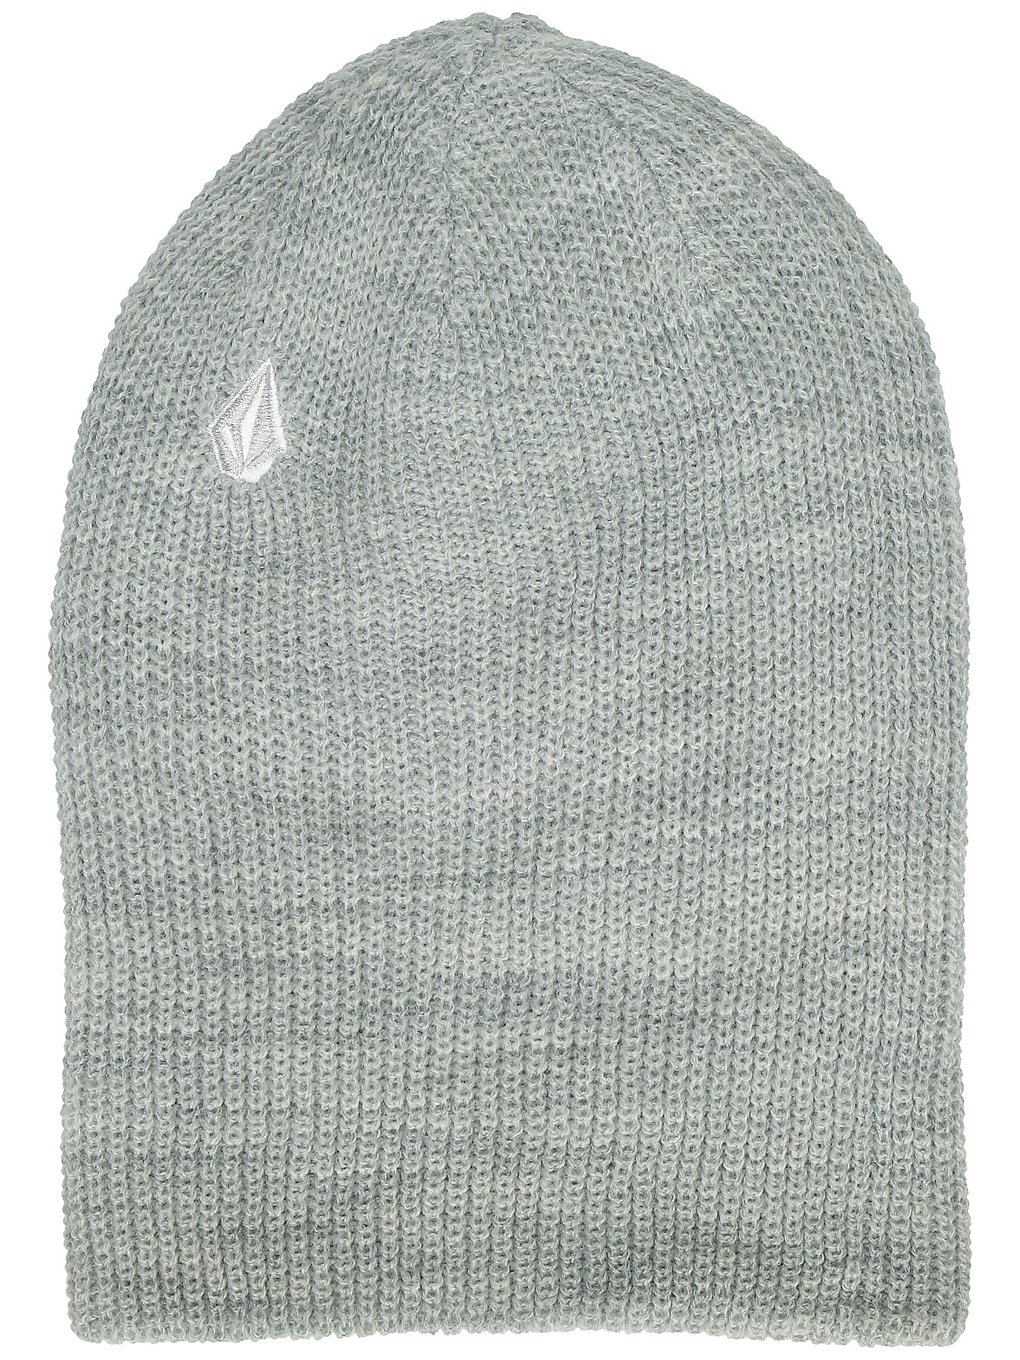 volcom power beanie heather grey